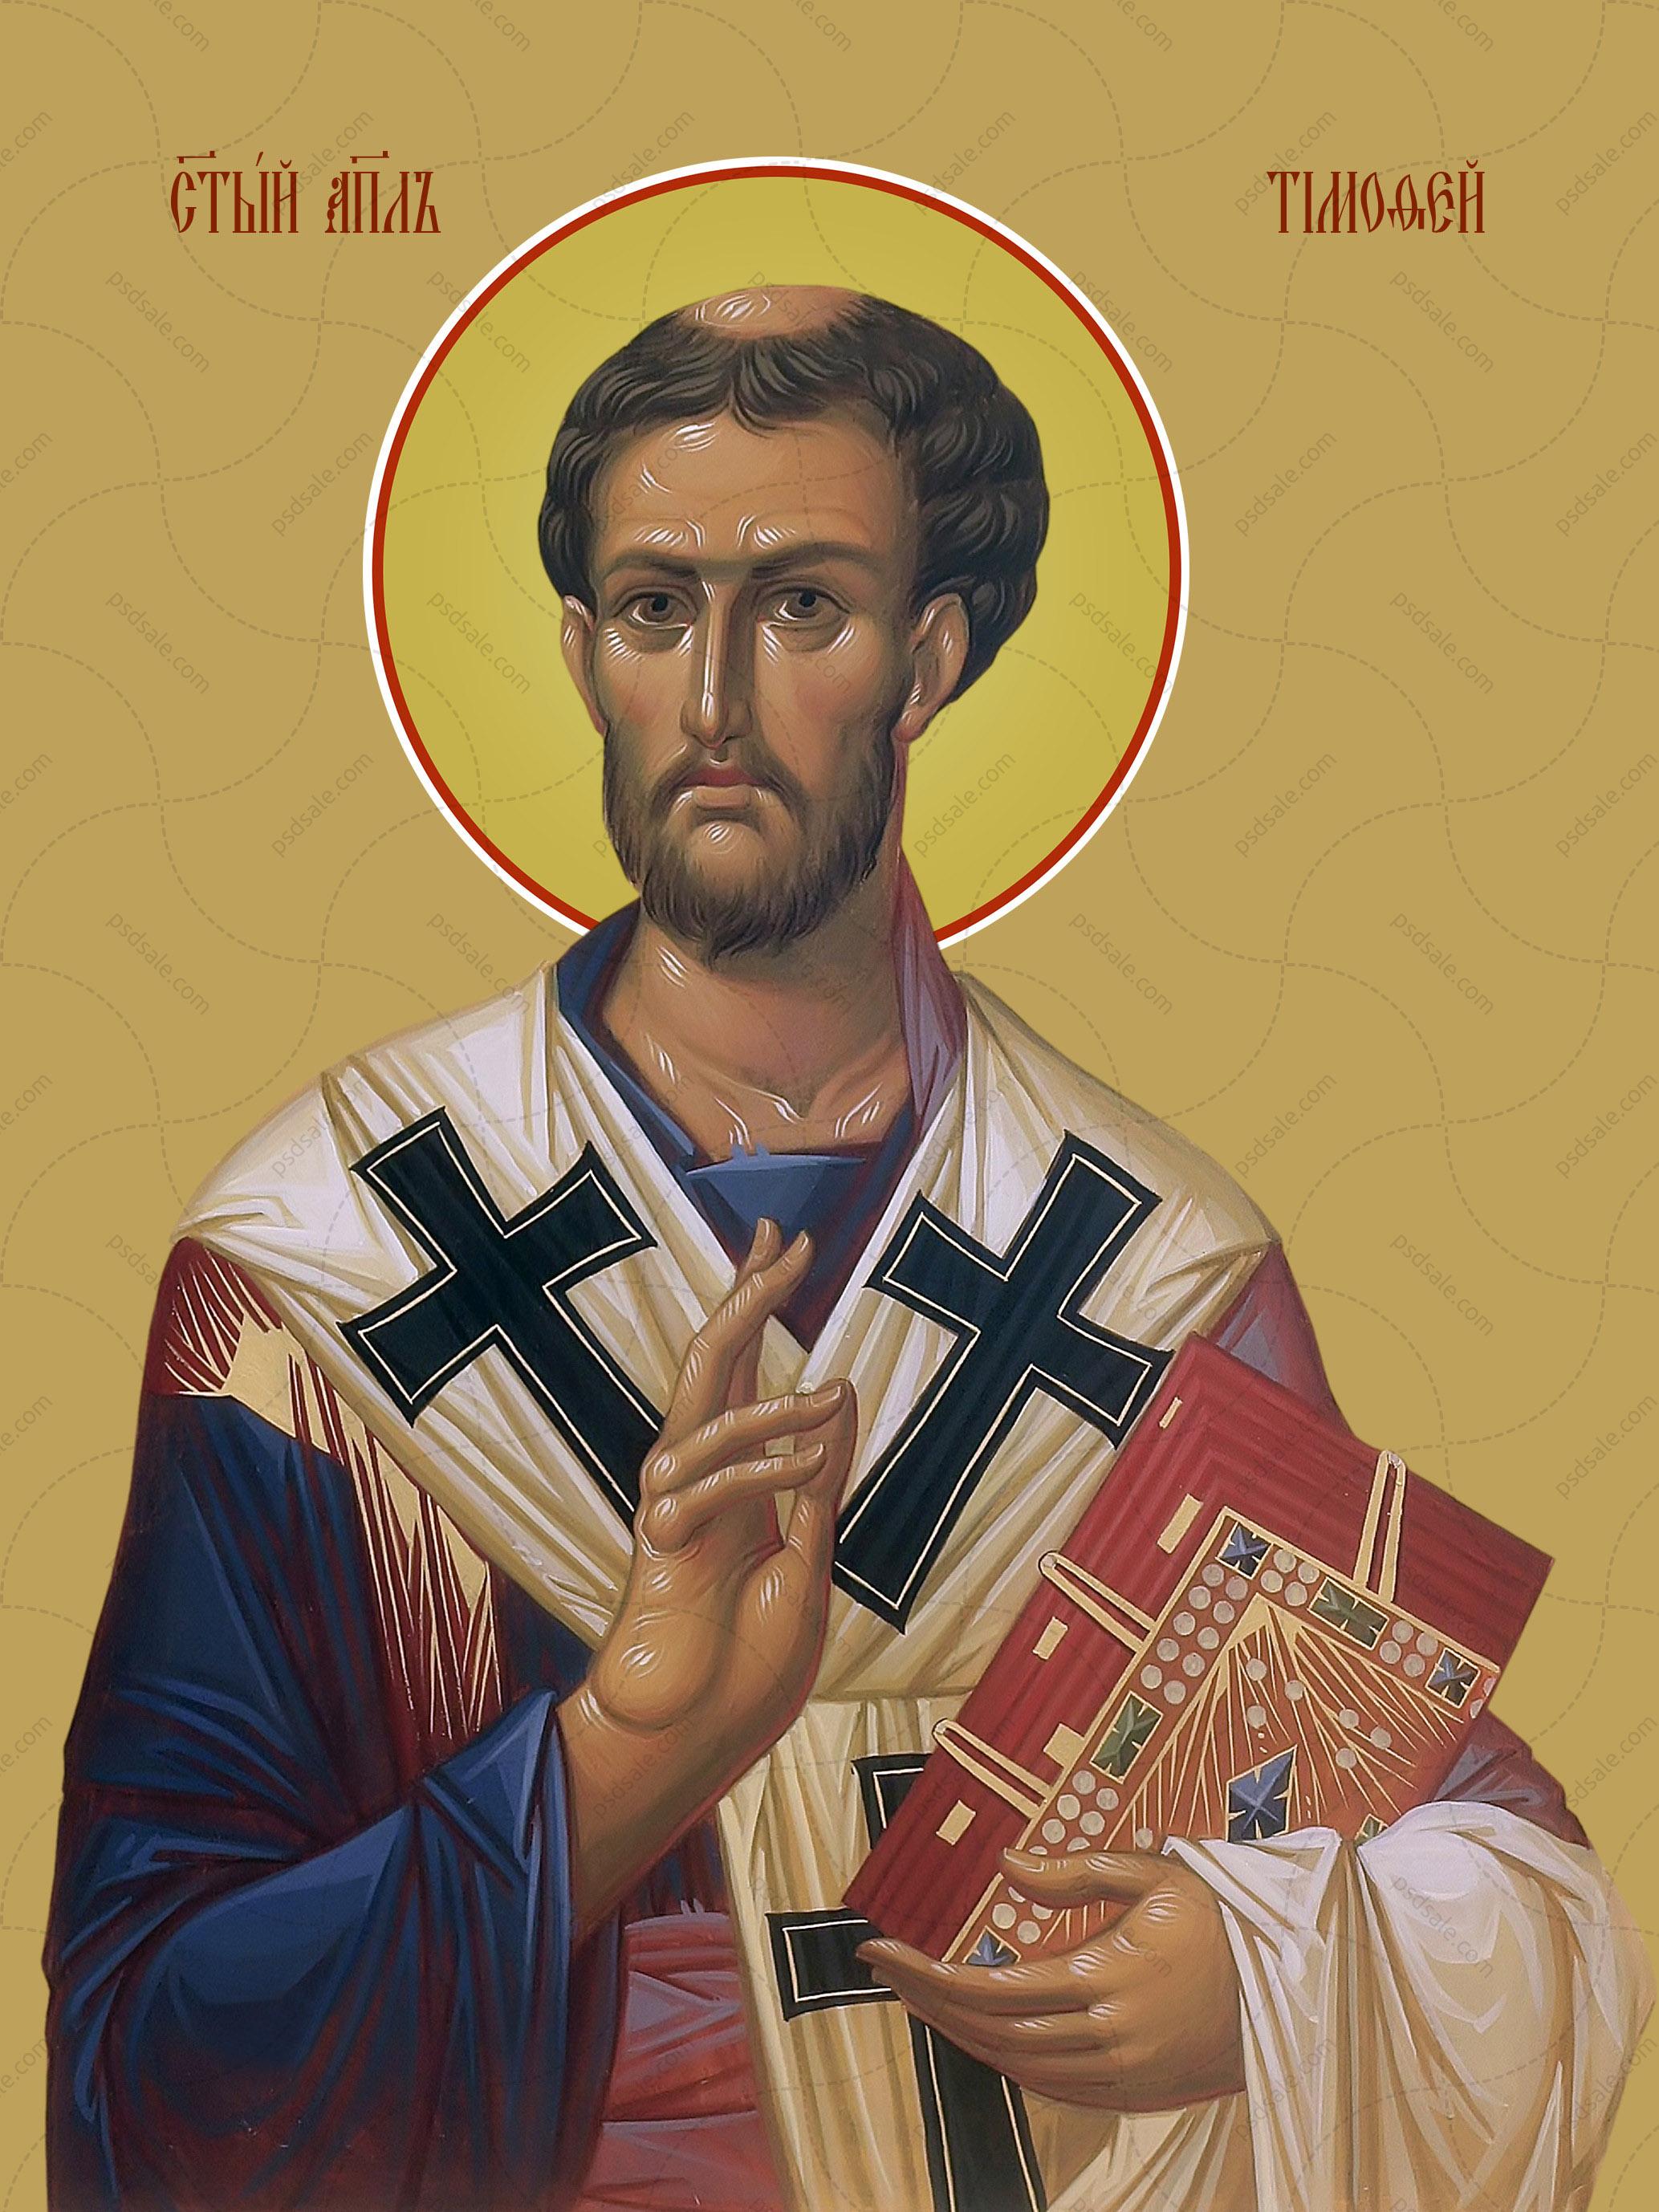 Тимофей, святой апостол